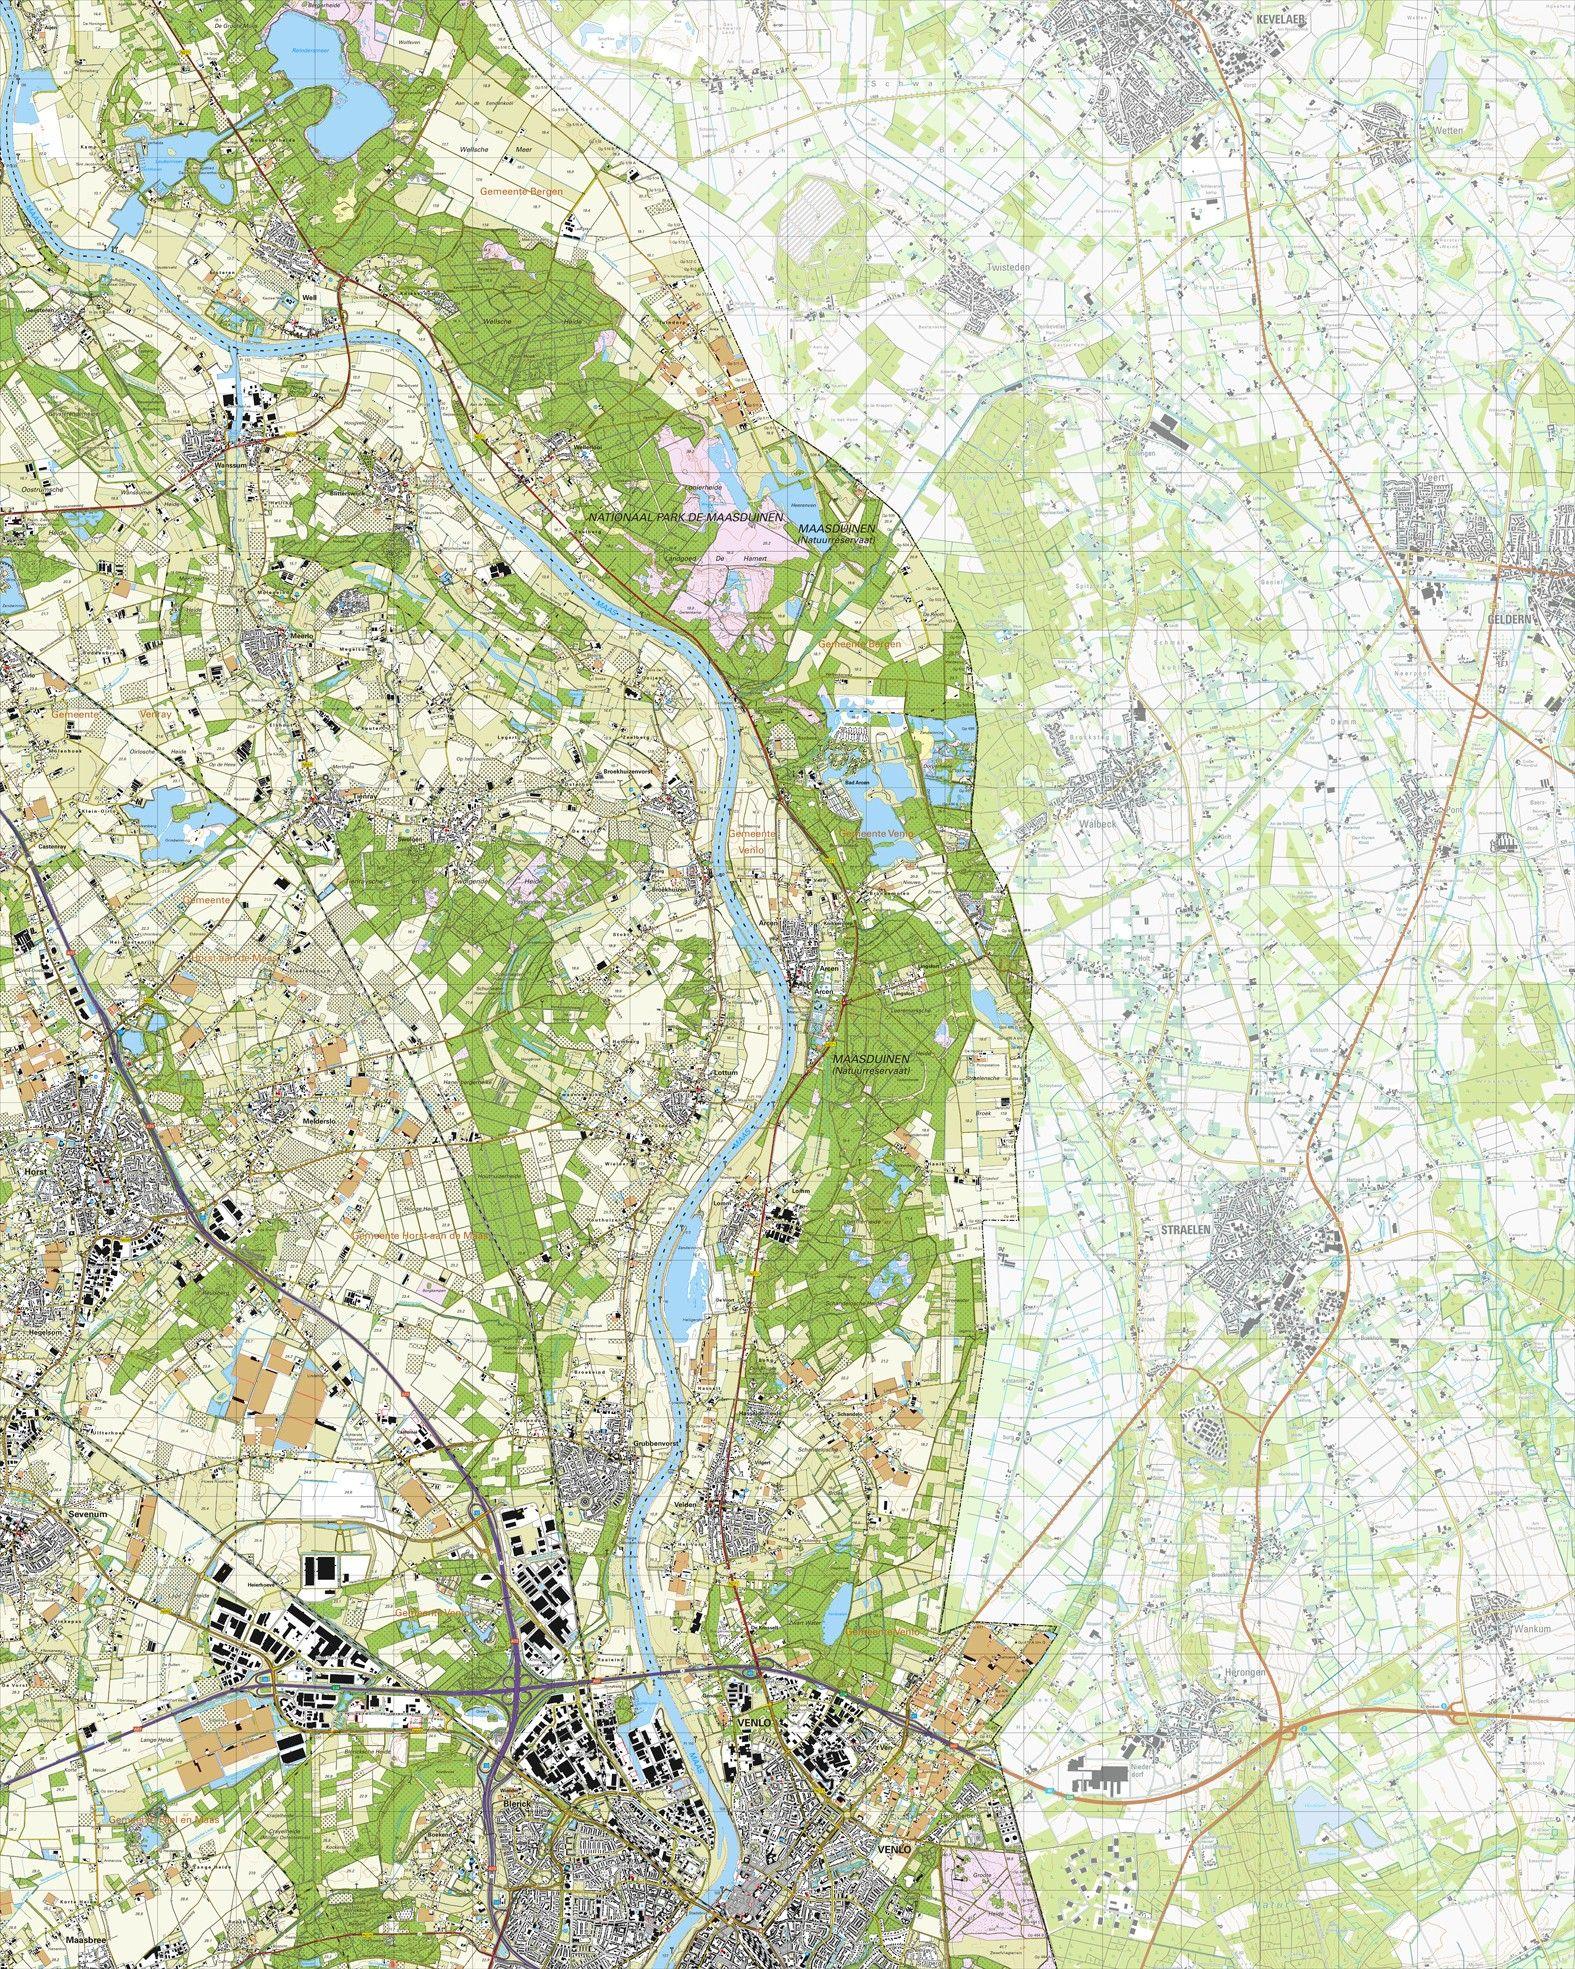 Topografische kaart schaal 1:25.000 (Venlo, Blerick, Grubbenvorst, Horst, Sevenum, Arcen)